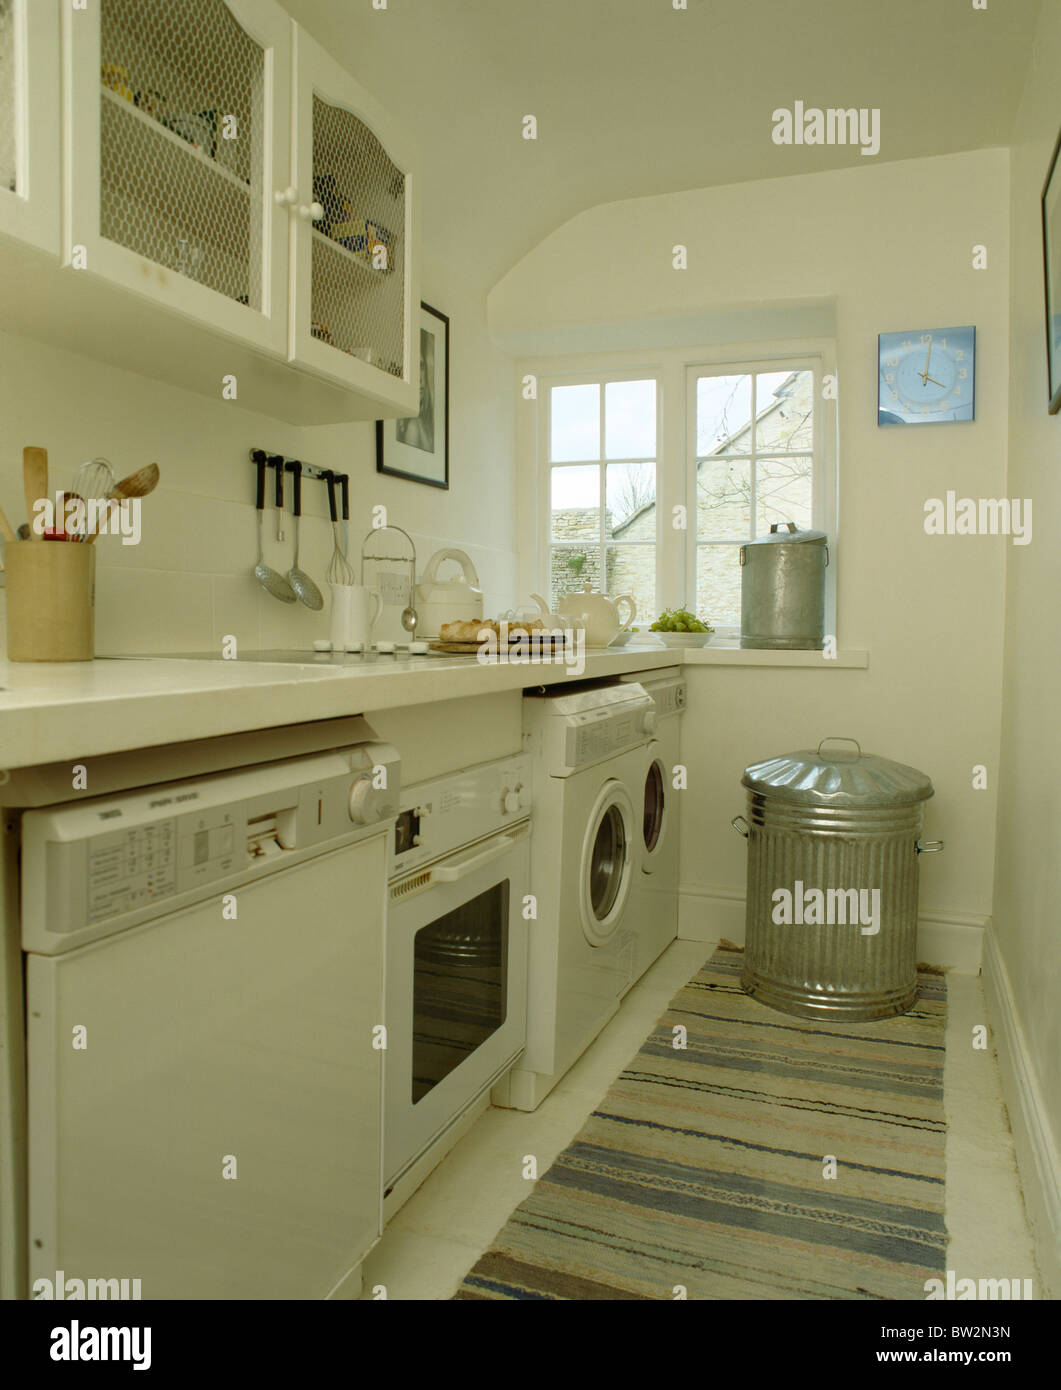 Waschmaschine Unter Arbeitsplatte geschirrspüler und backofen und waschmaschine unter arbeitsplatte in